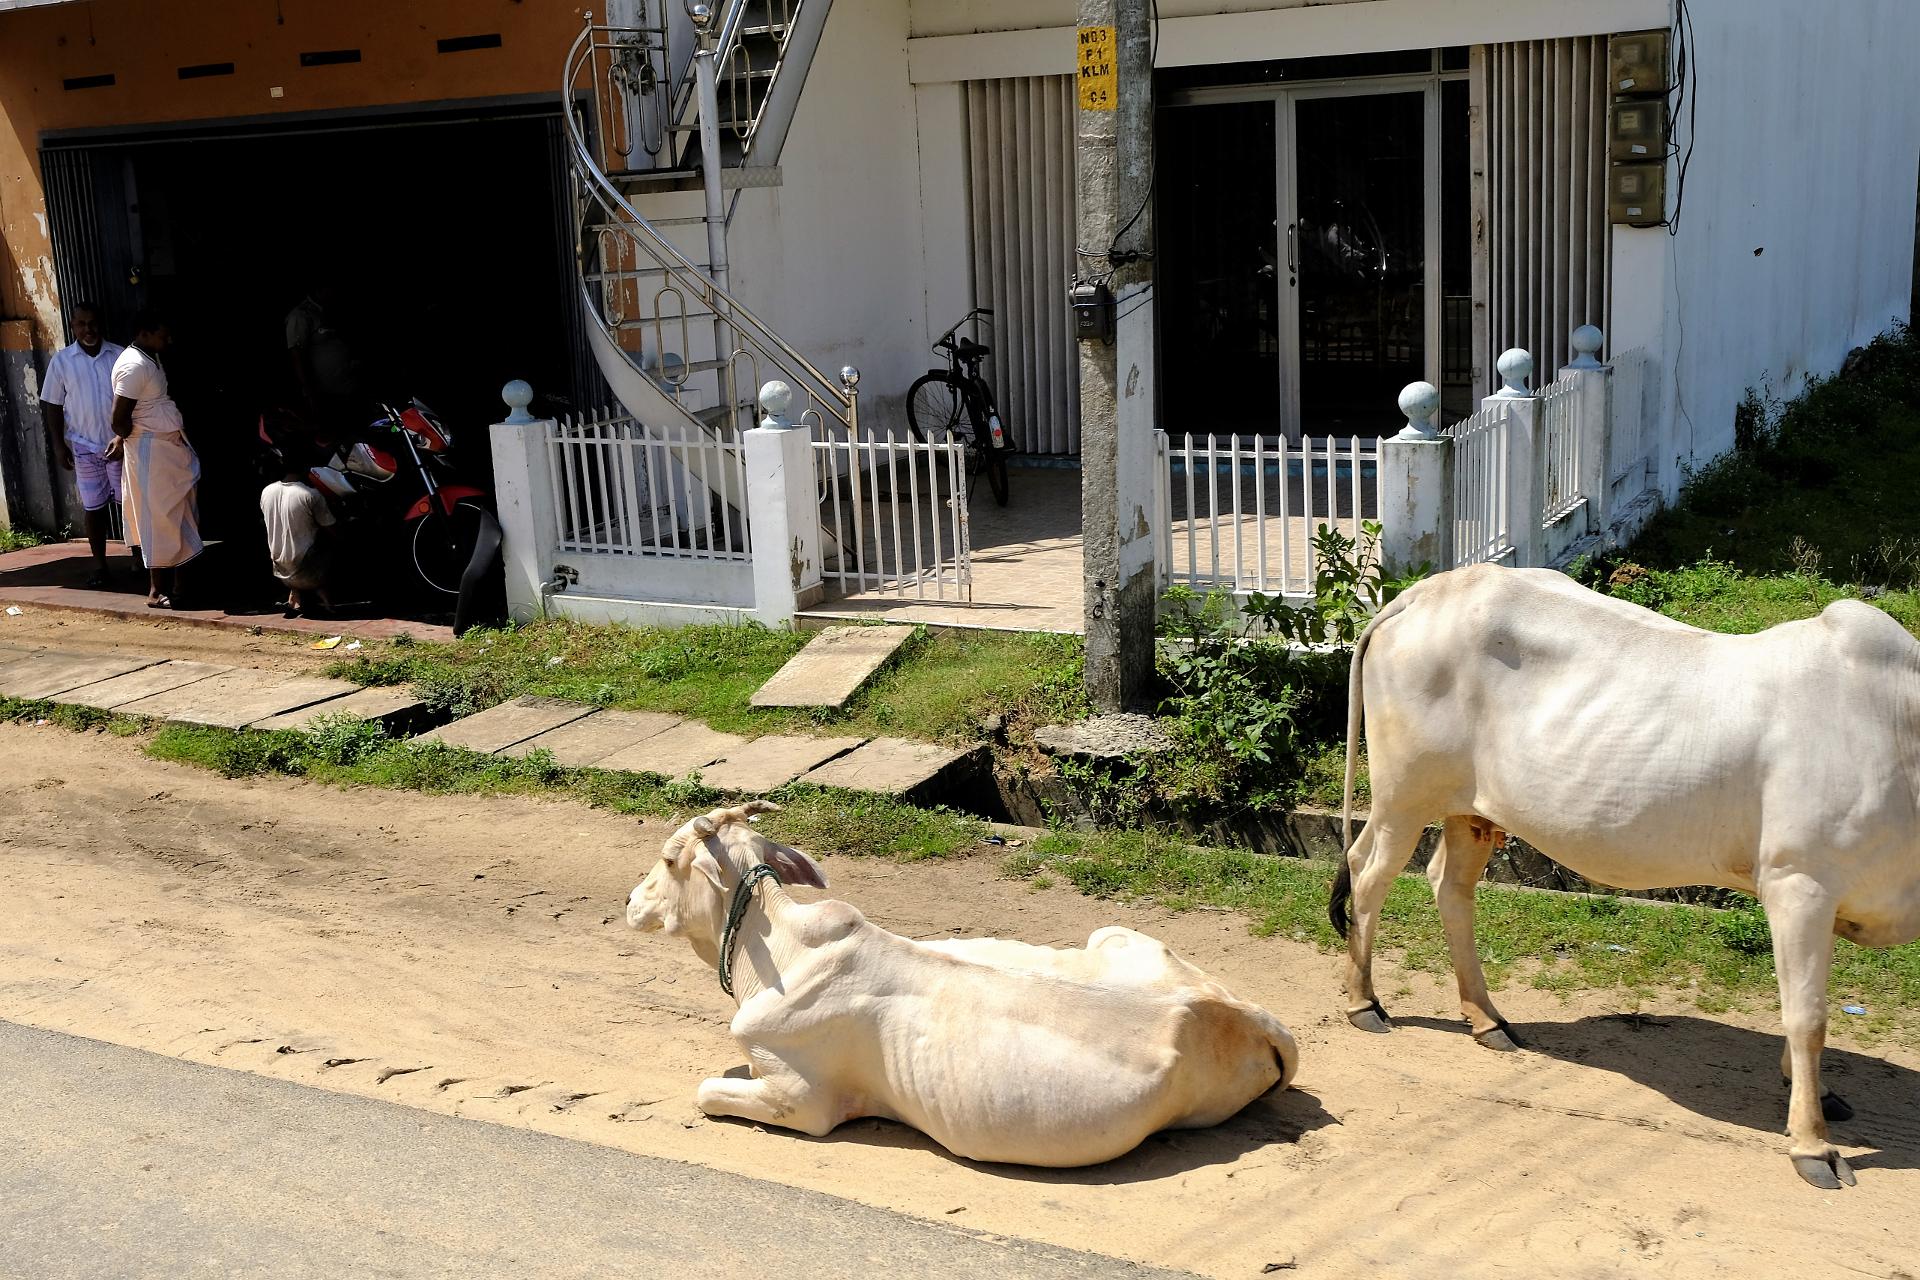 Många kor förefaller leva helt självständiga liv. Foto: Johan Mikaelsson